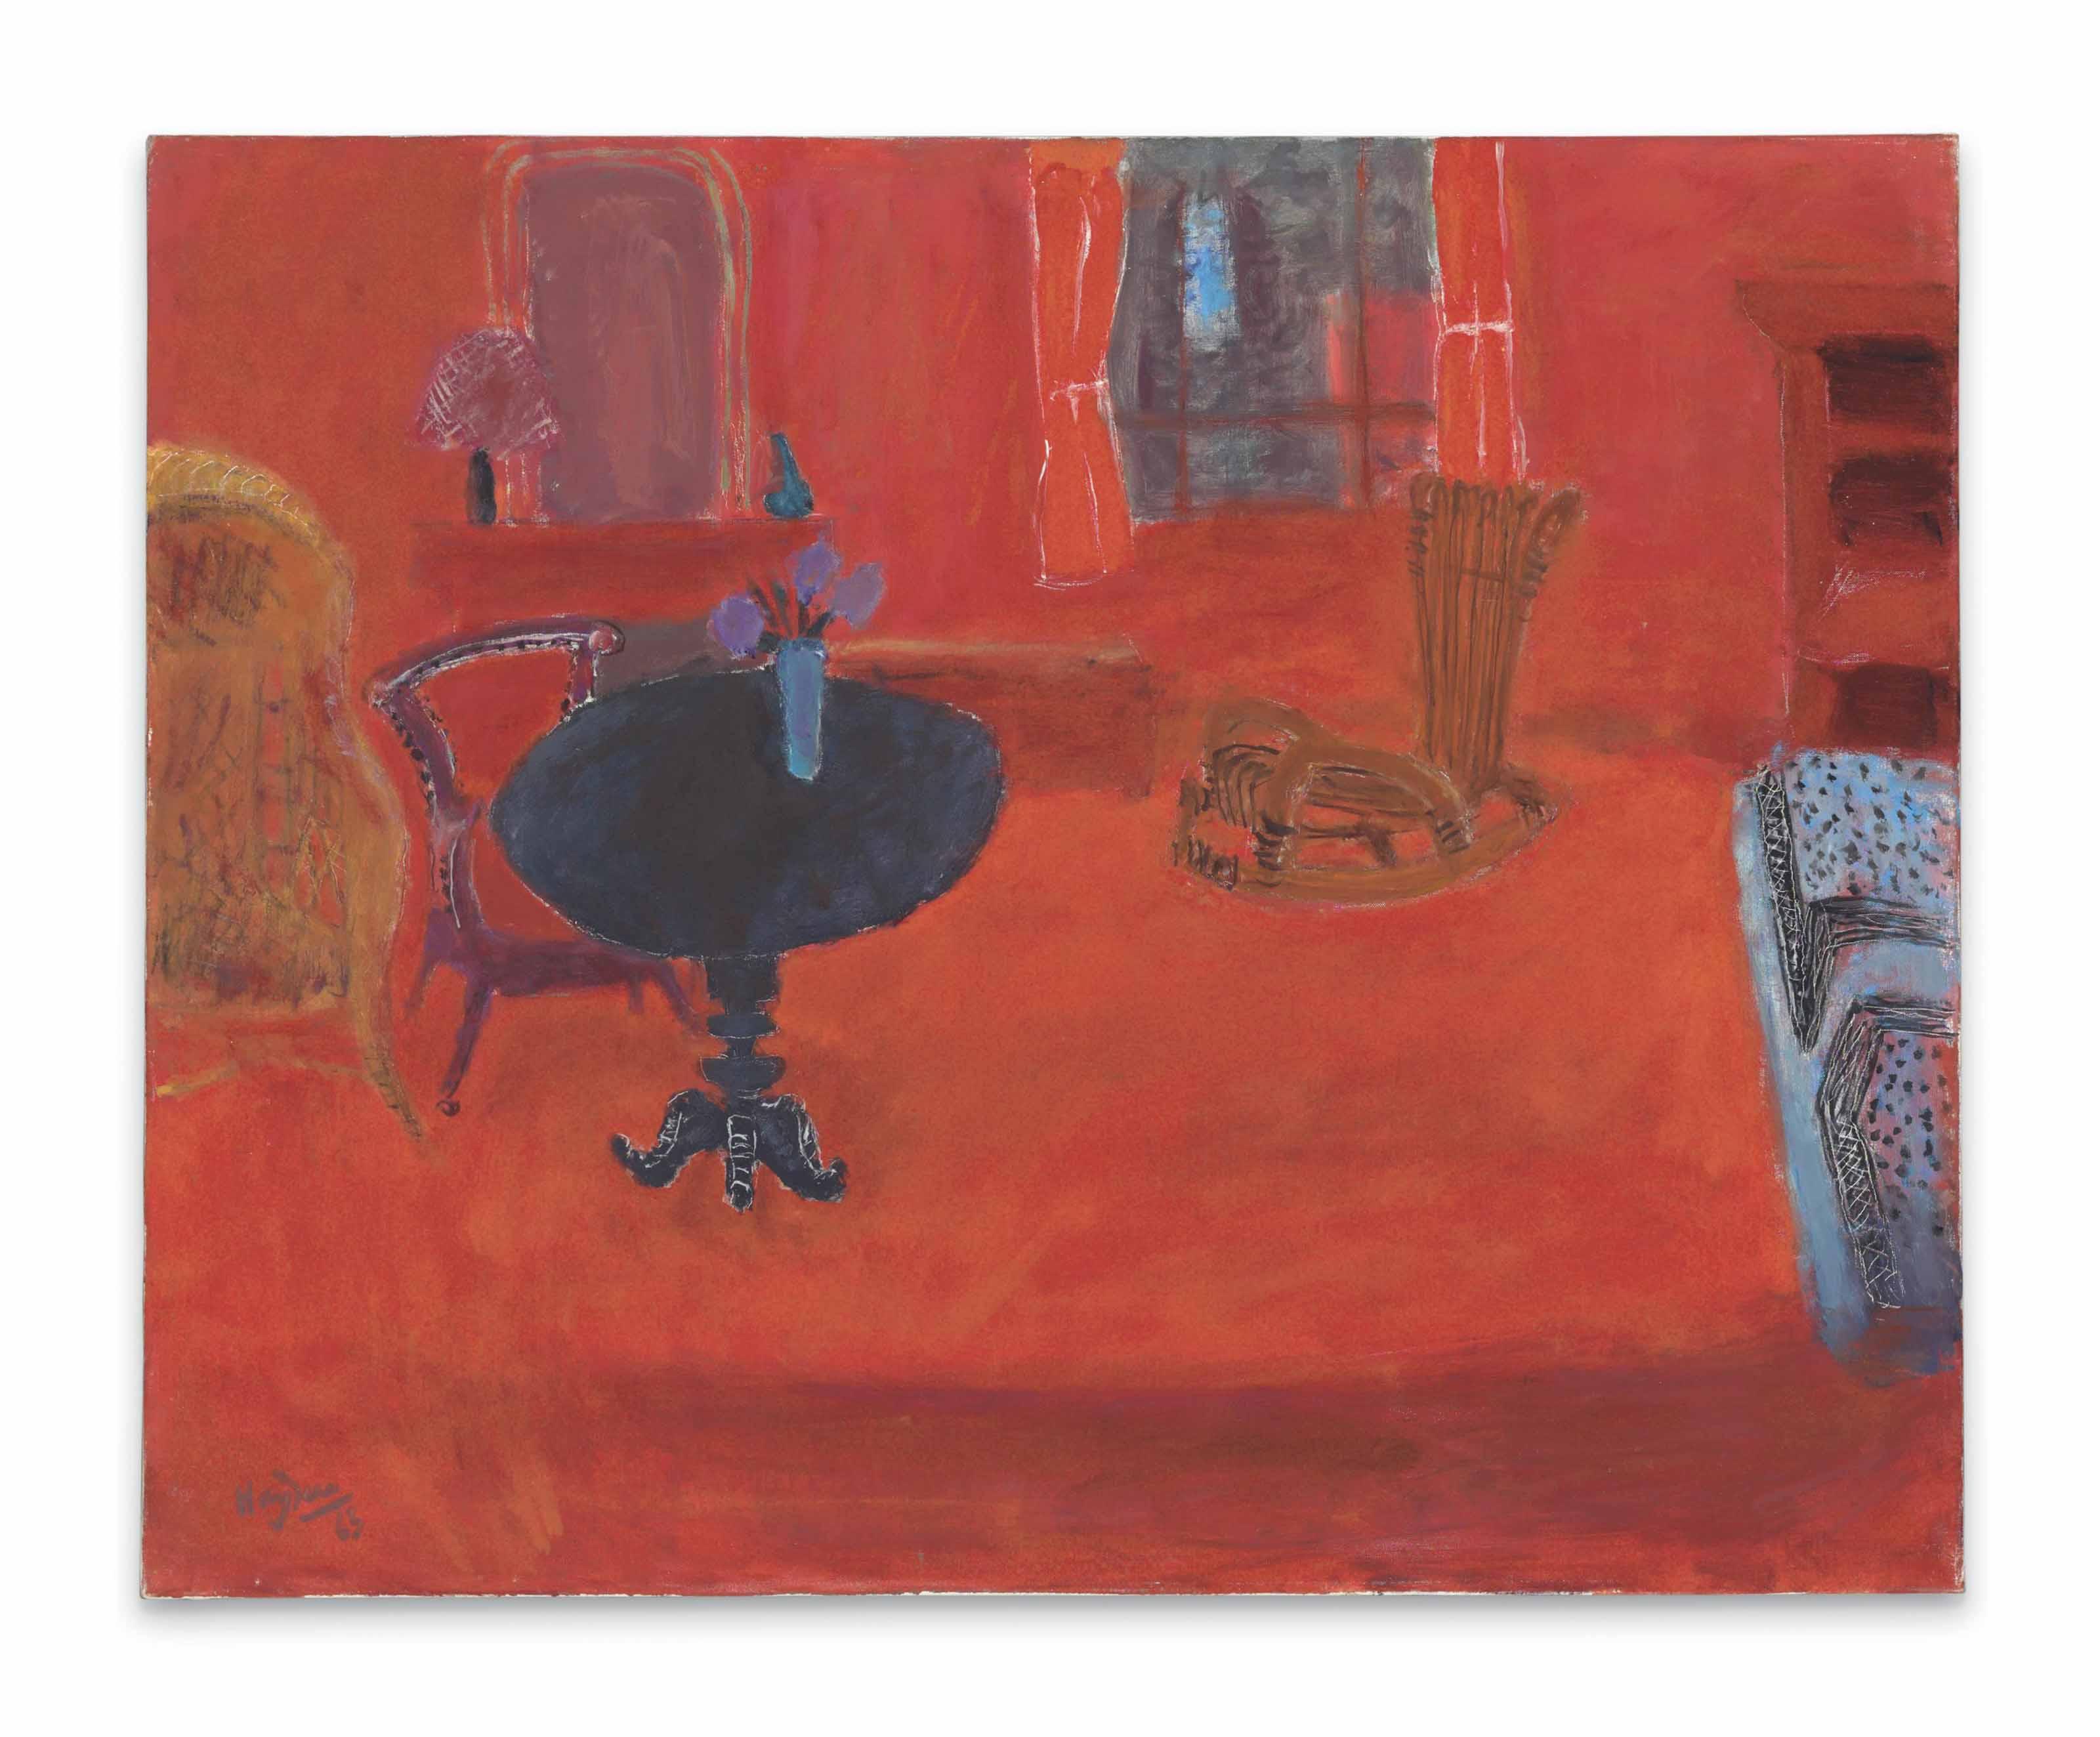 Interieur rouge